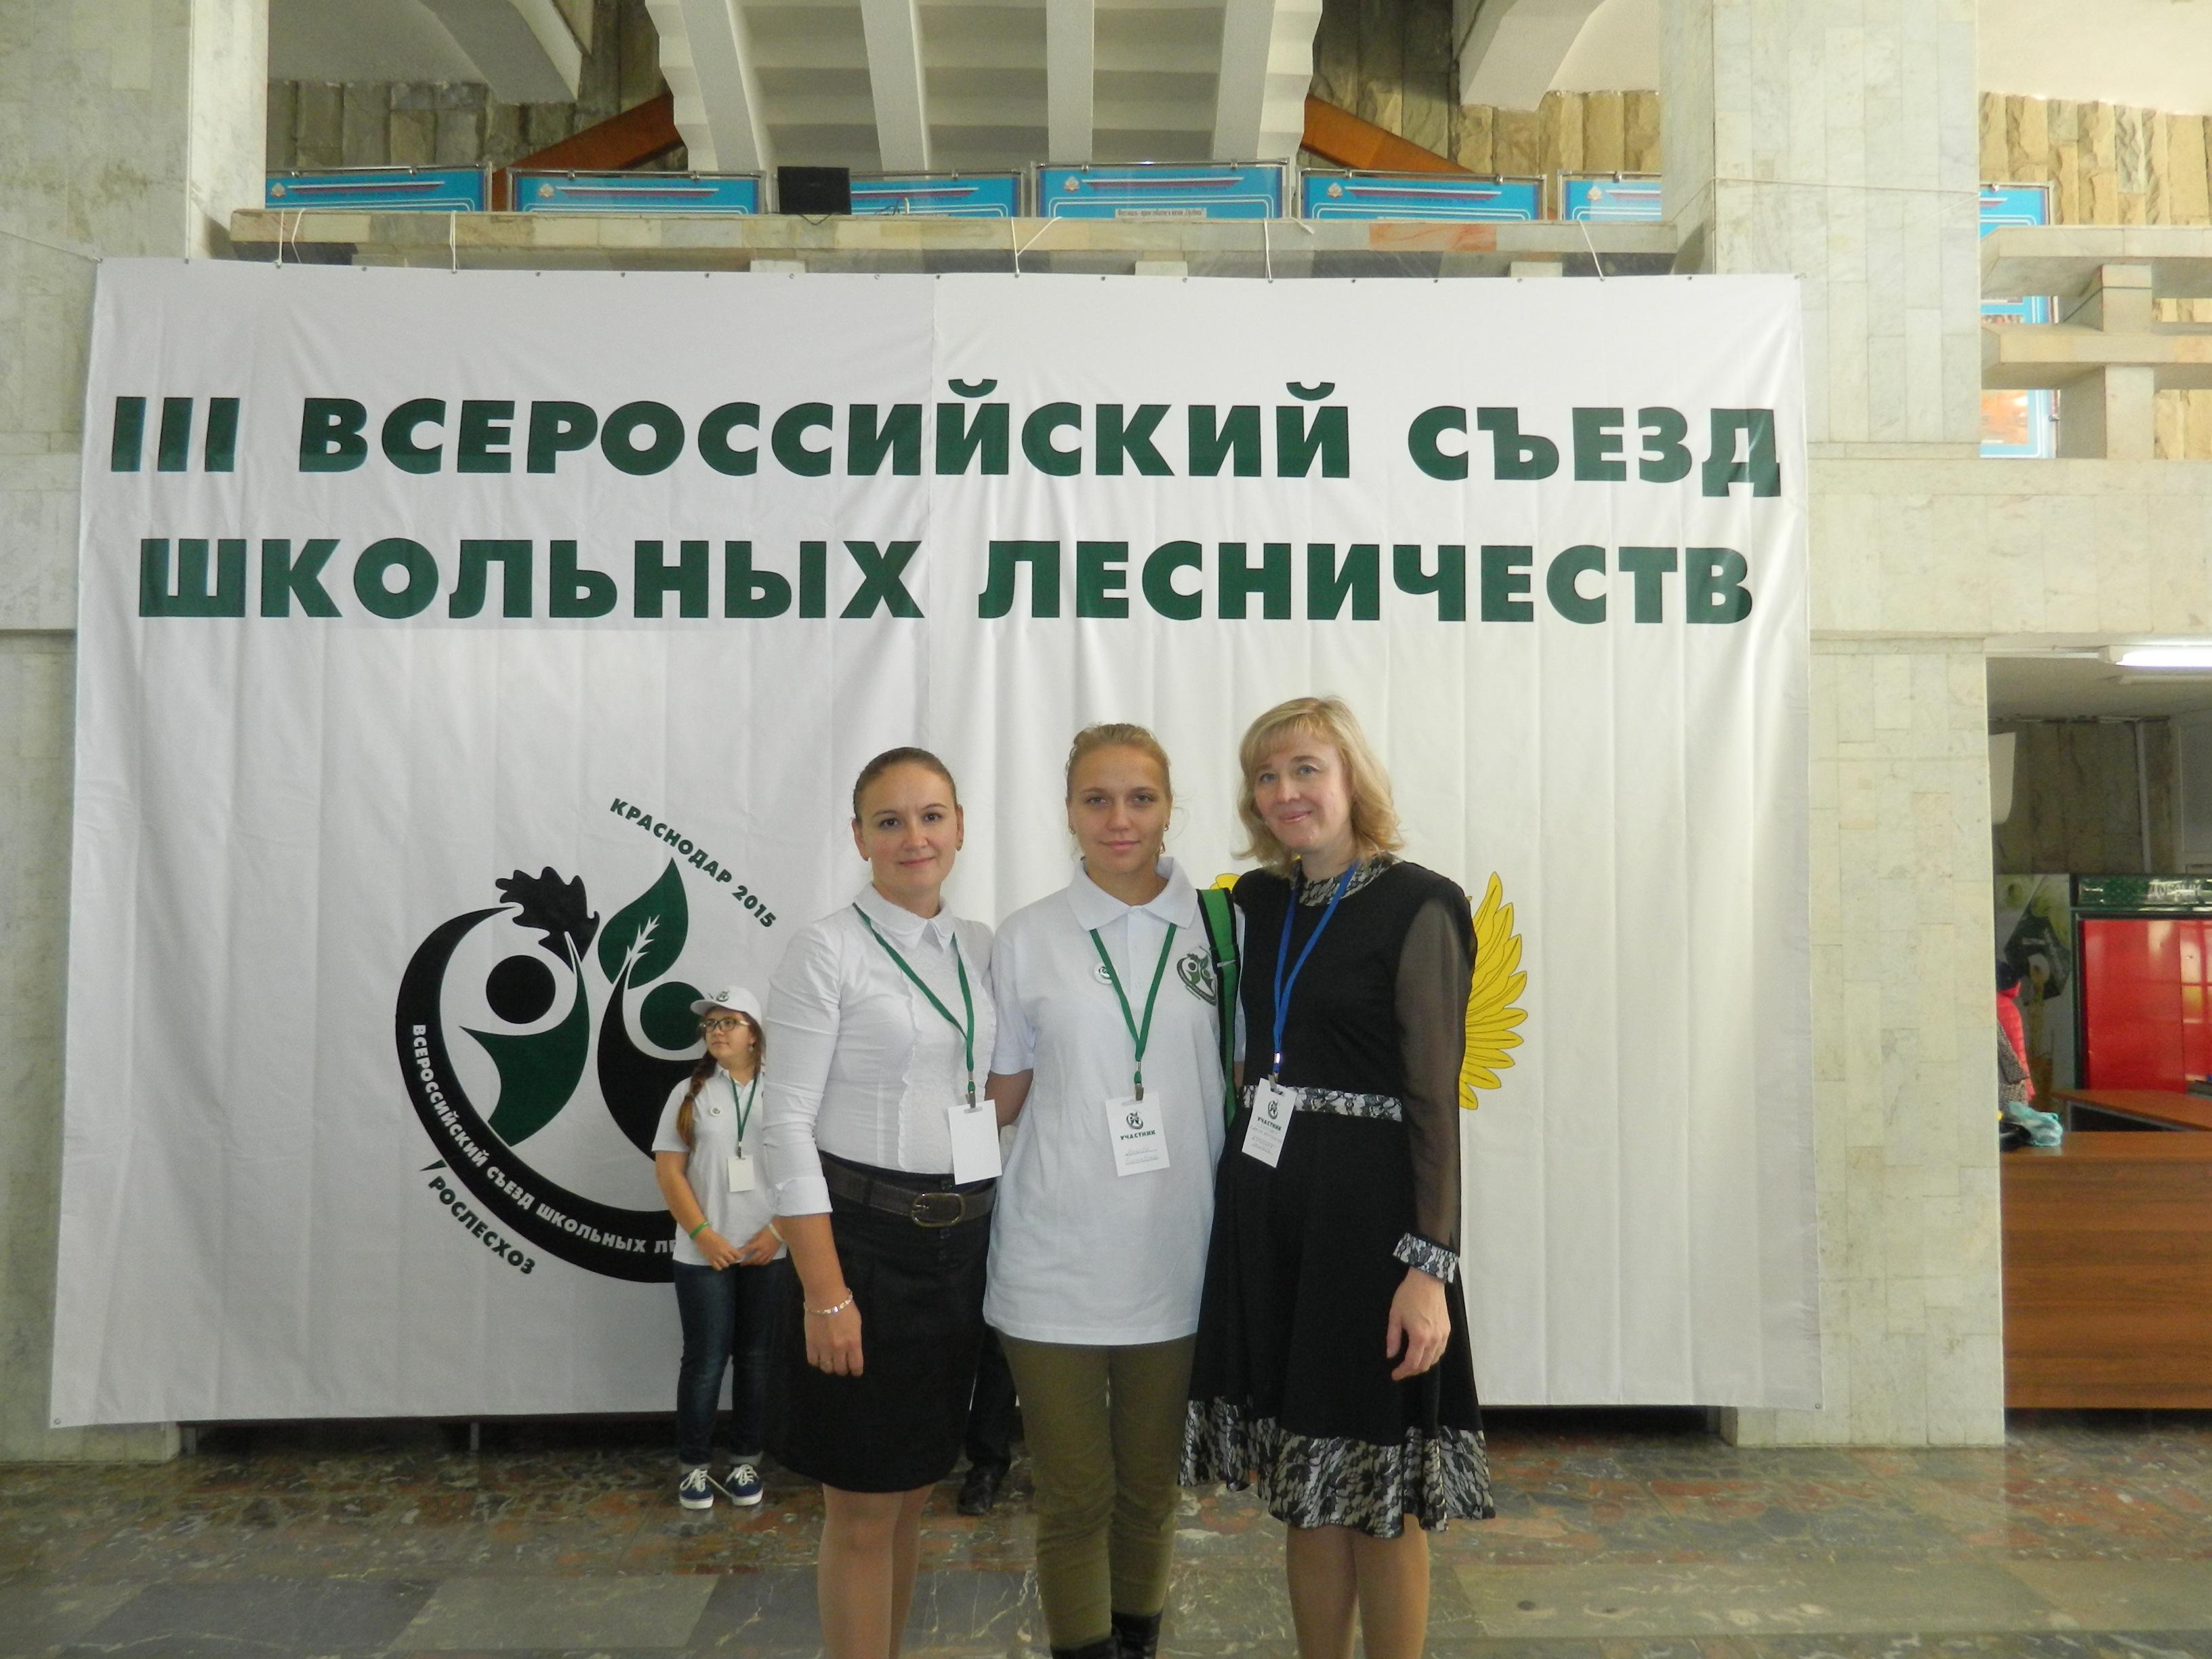 Участники съезда от Липецкой области